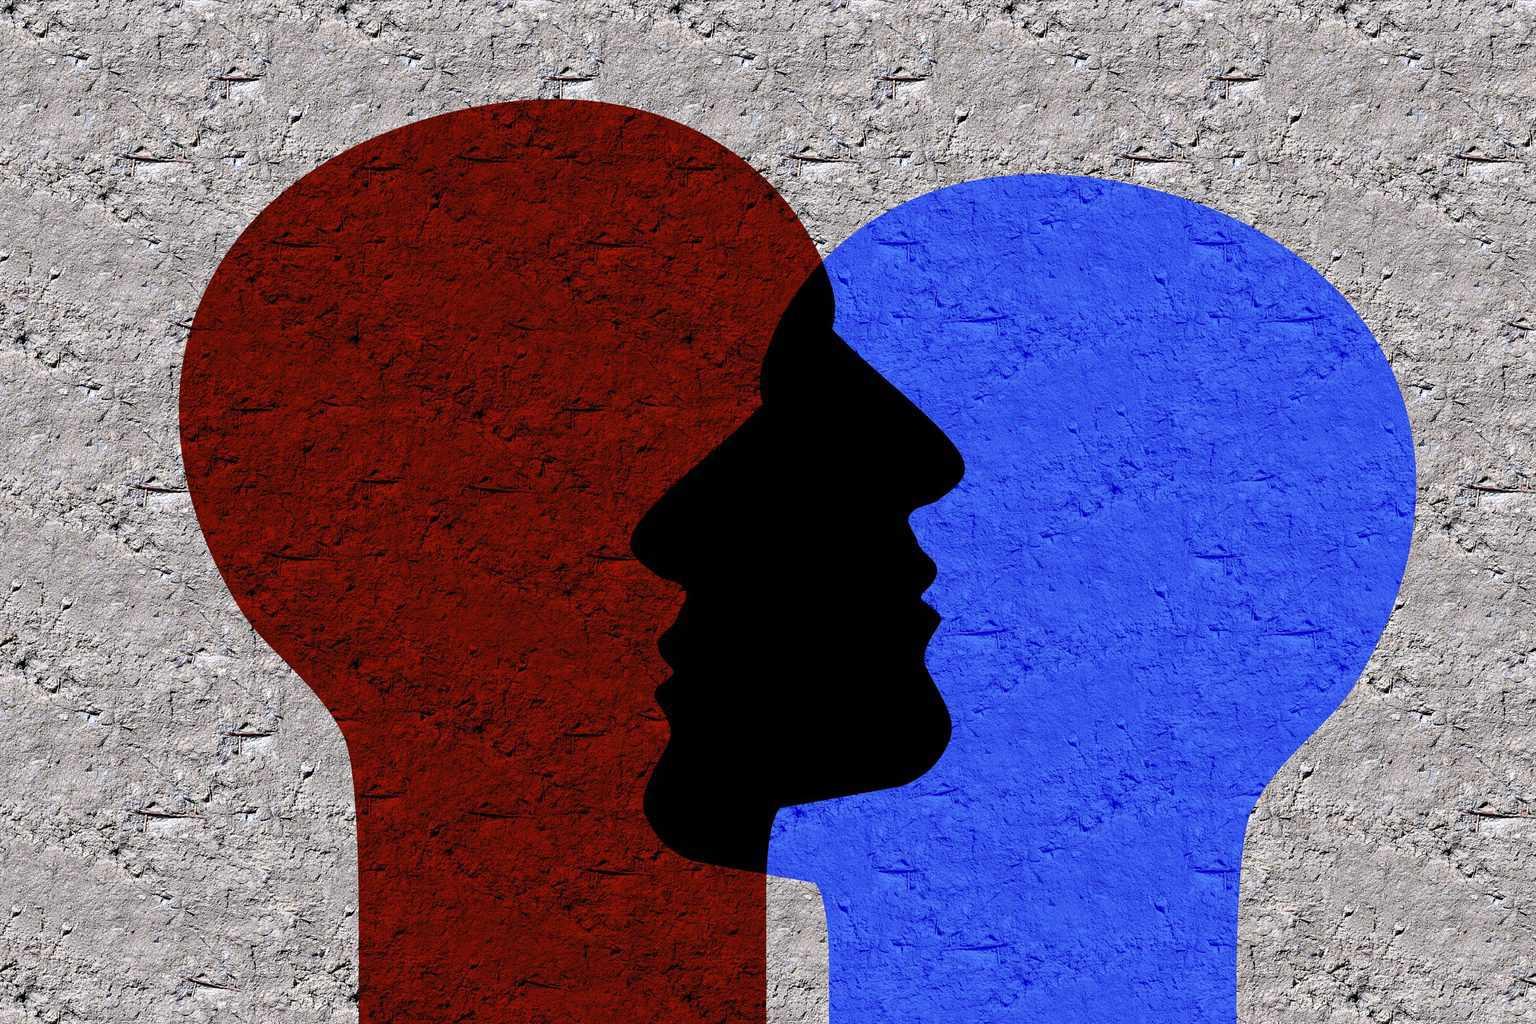 face, faces, dialog